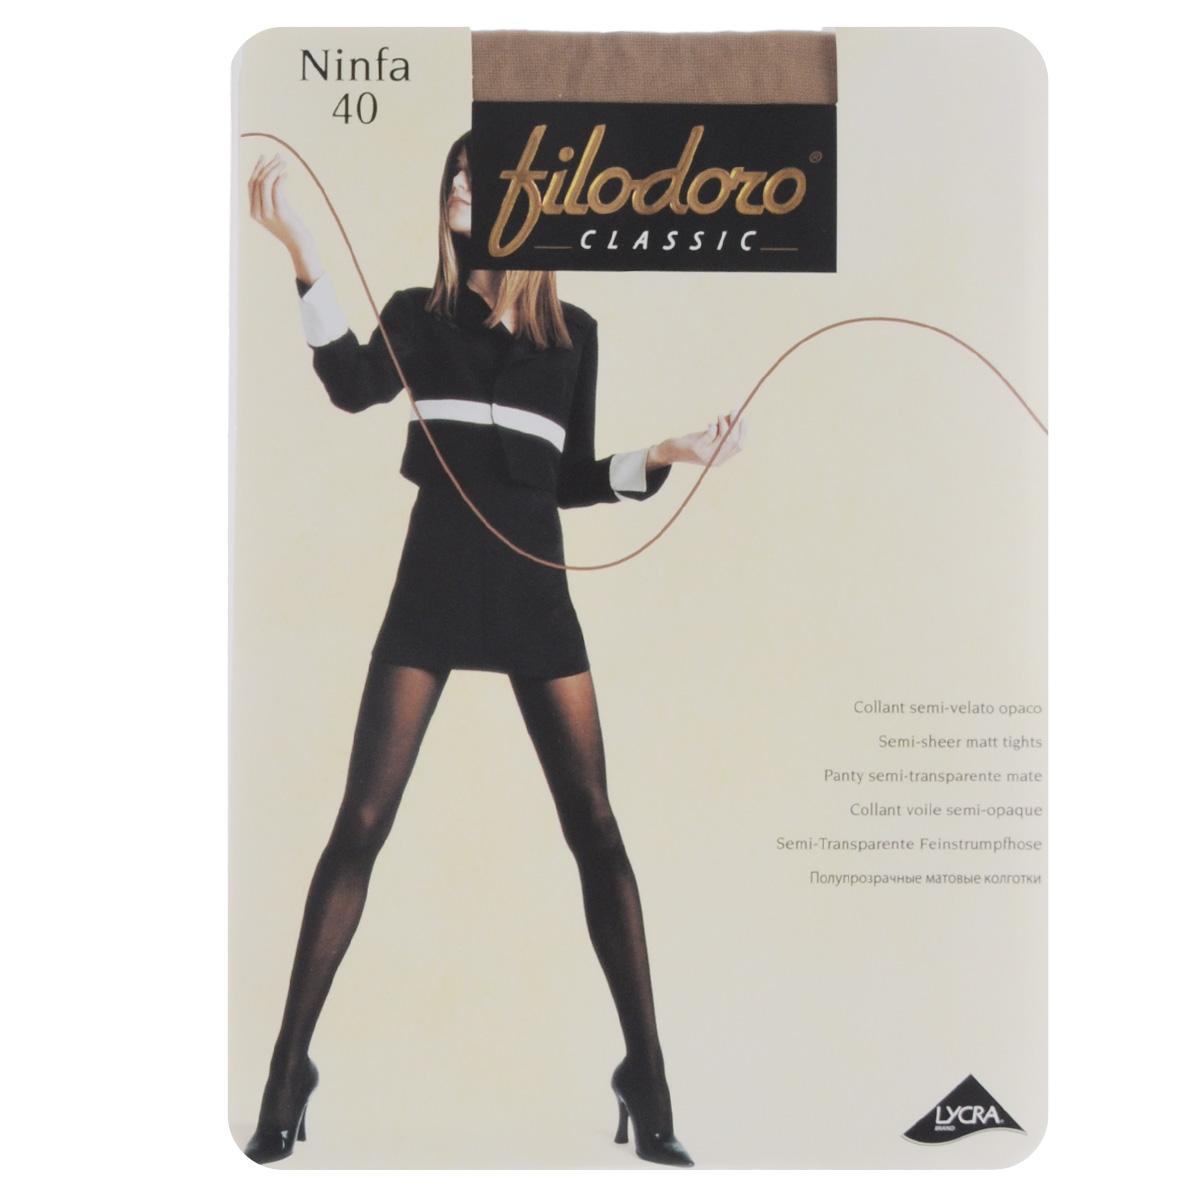 Колготки женские Filodoro Classic Ninfa 40, цвет: Playa (телесный). C115059FC. Размер 5 (Maxi-XL) колготки женские filodoro classic ninfa 20 цвет nero черный c109172fc размер 2 s